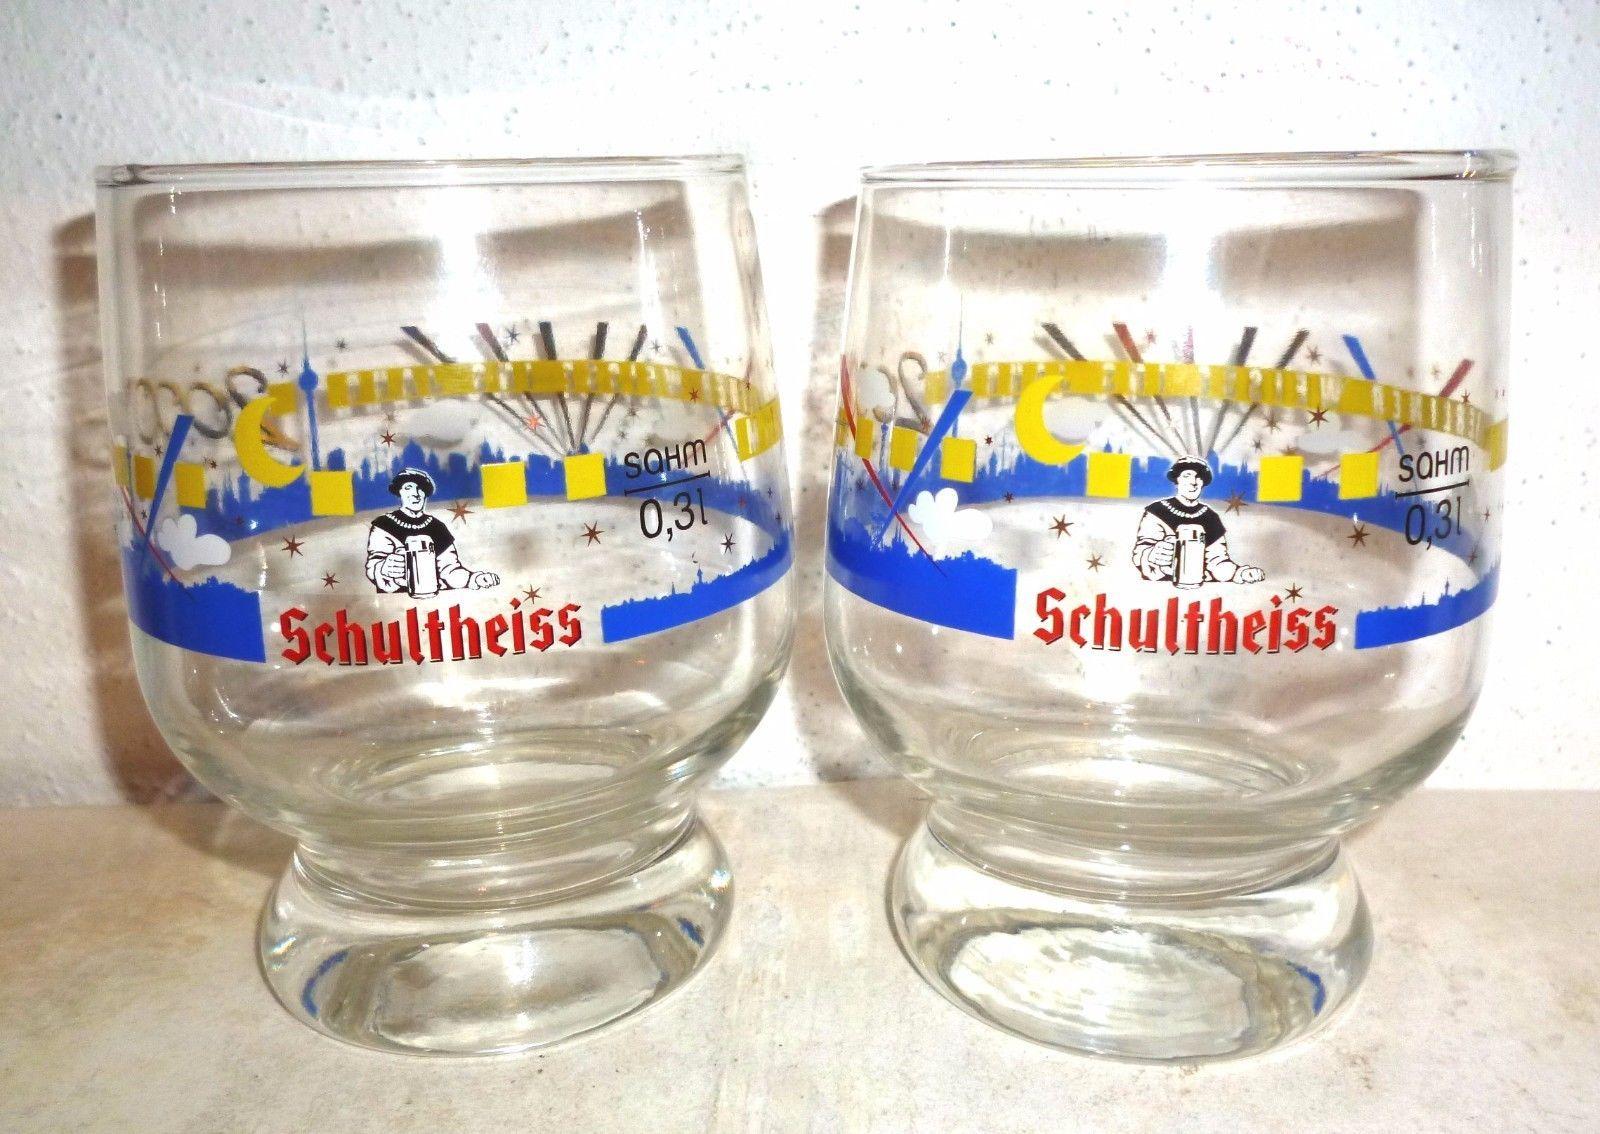 2 Schultheiss Berliner Weisse Millenium 2000 Berlin Weizen German Beer Glasses